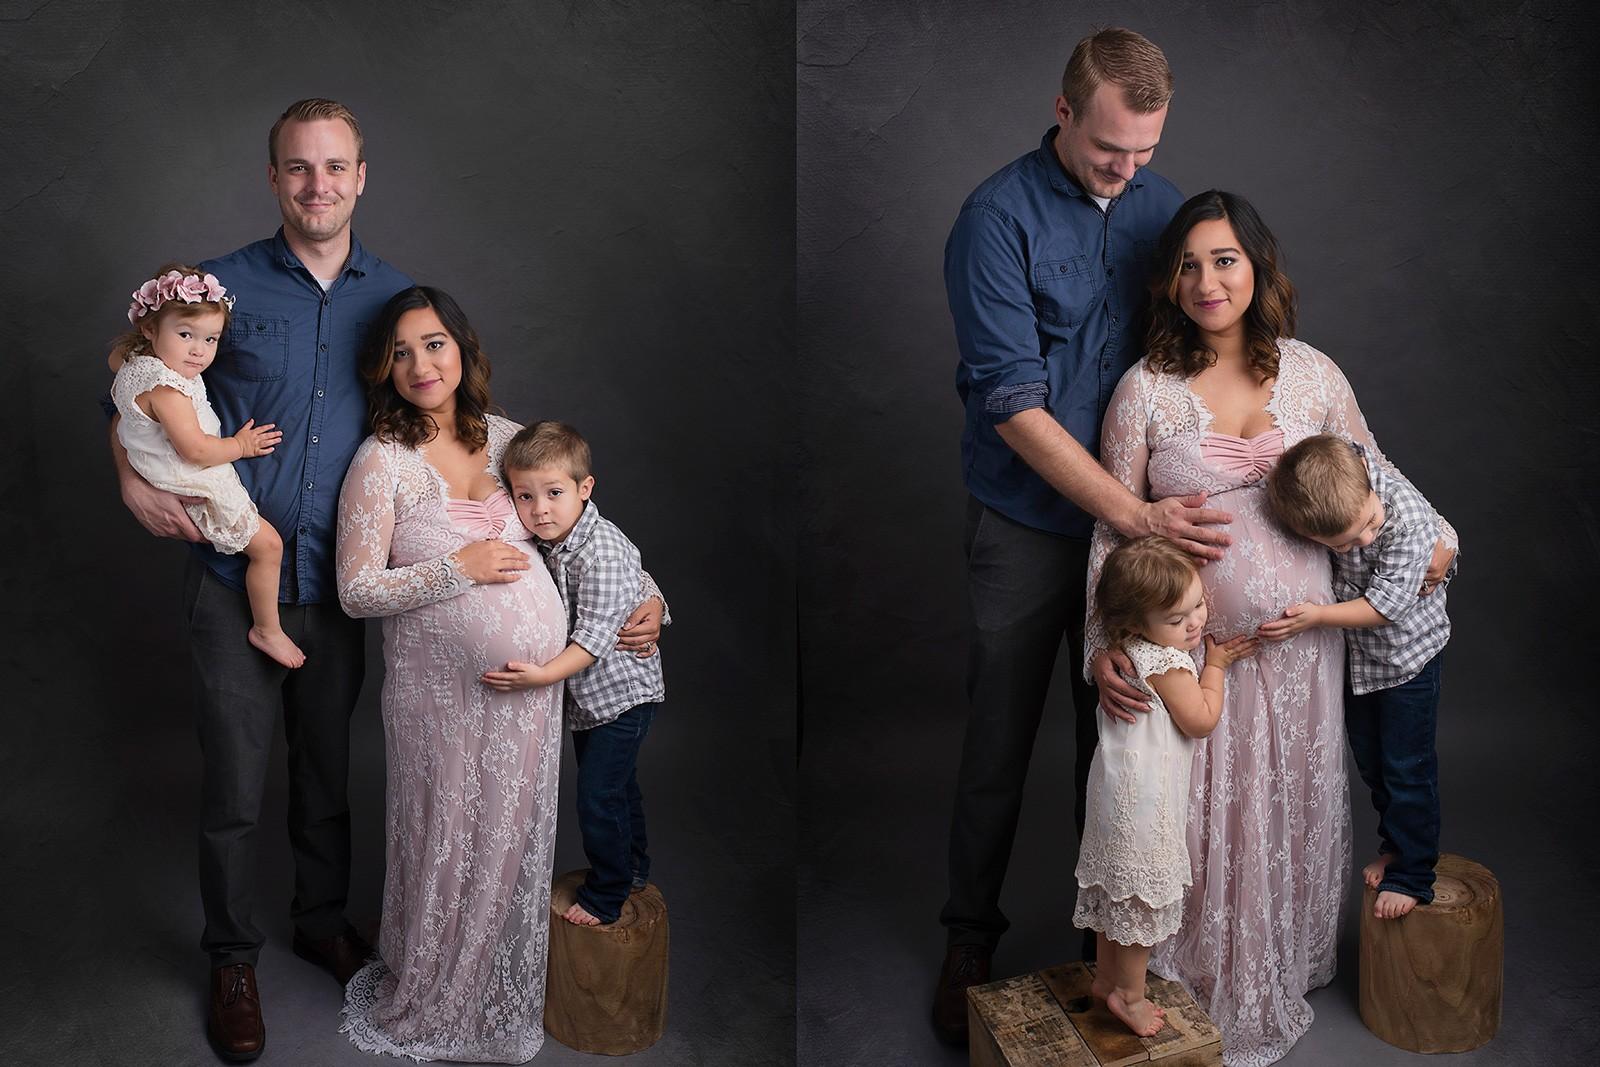 أفكار فوتوسيشن للحامل - صورة للحامل مع العائلة